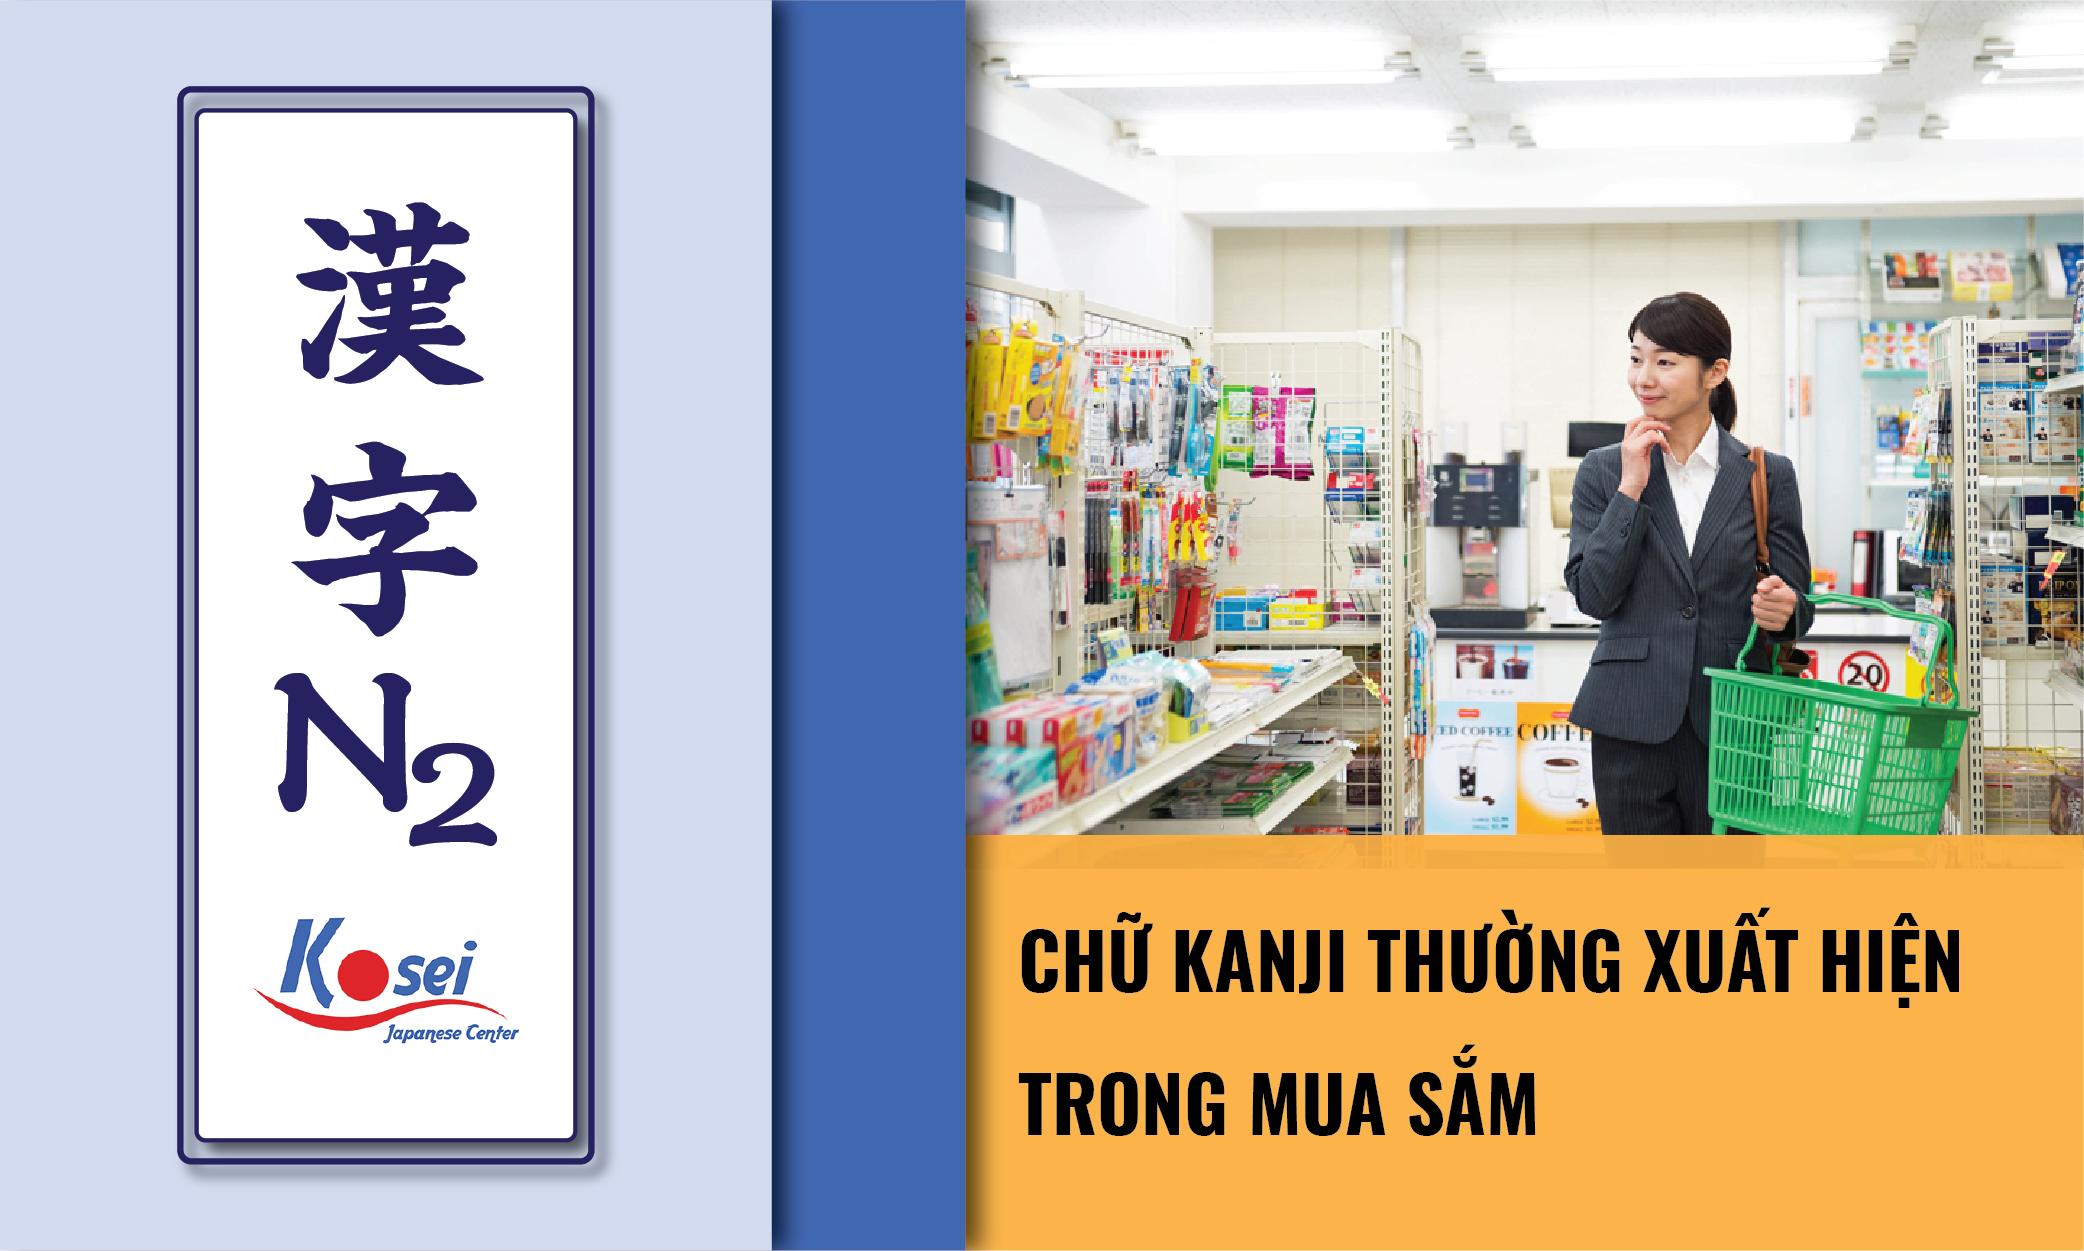 (Tổng hợp) Kanji N2: Các Kanji về mua sắm